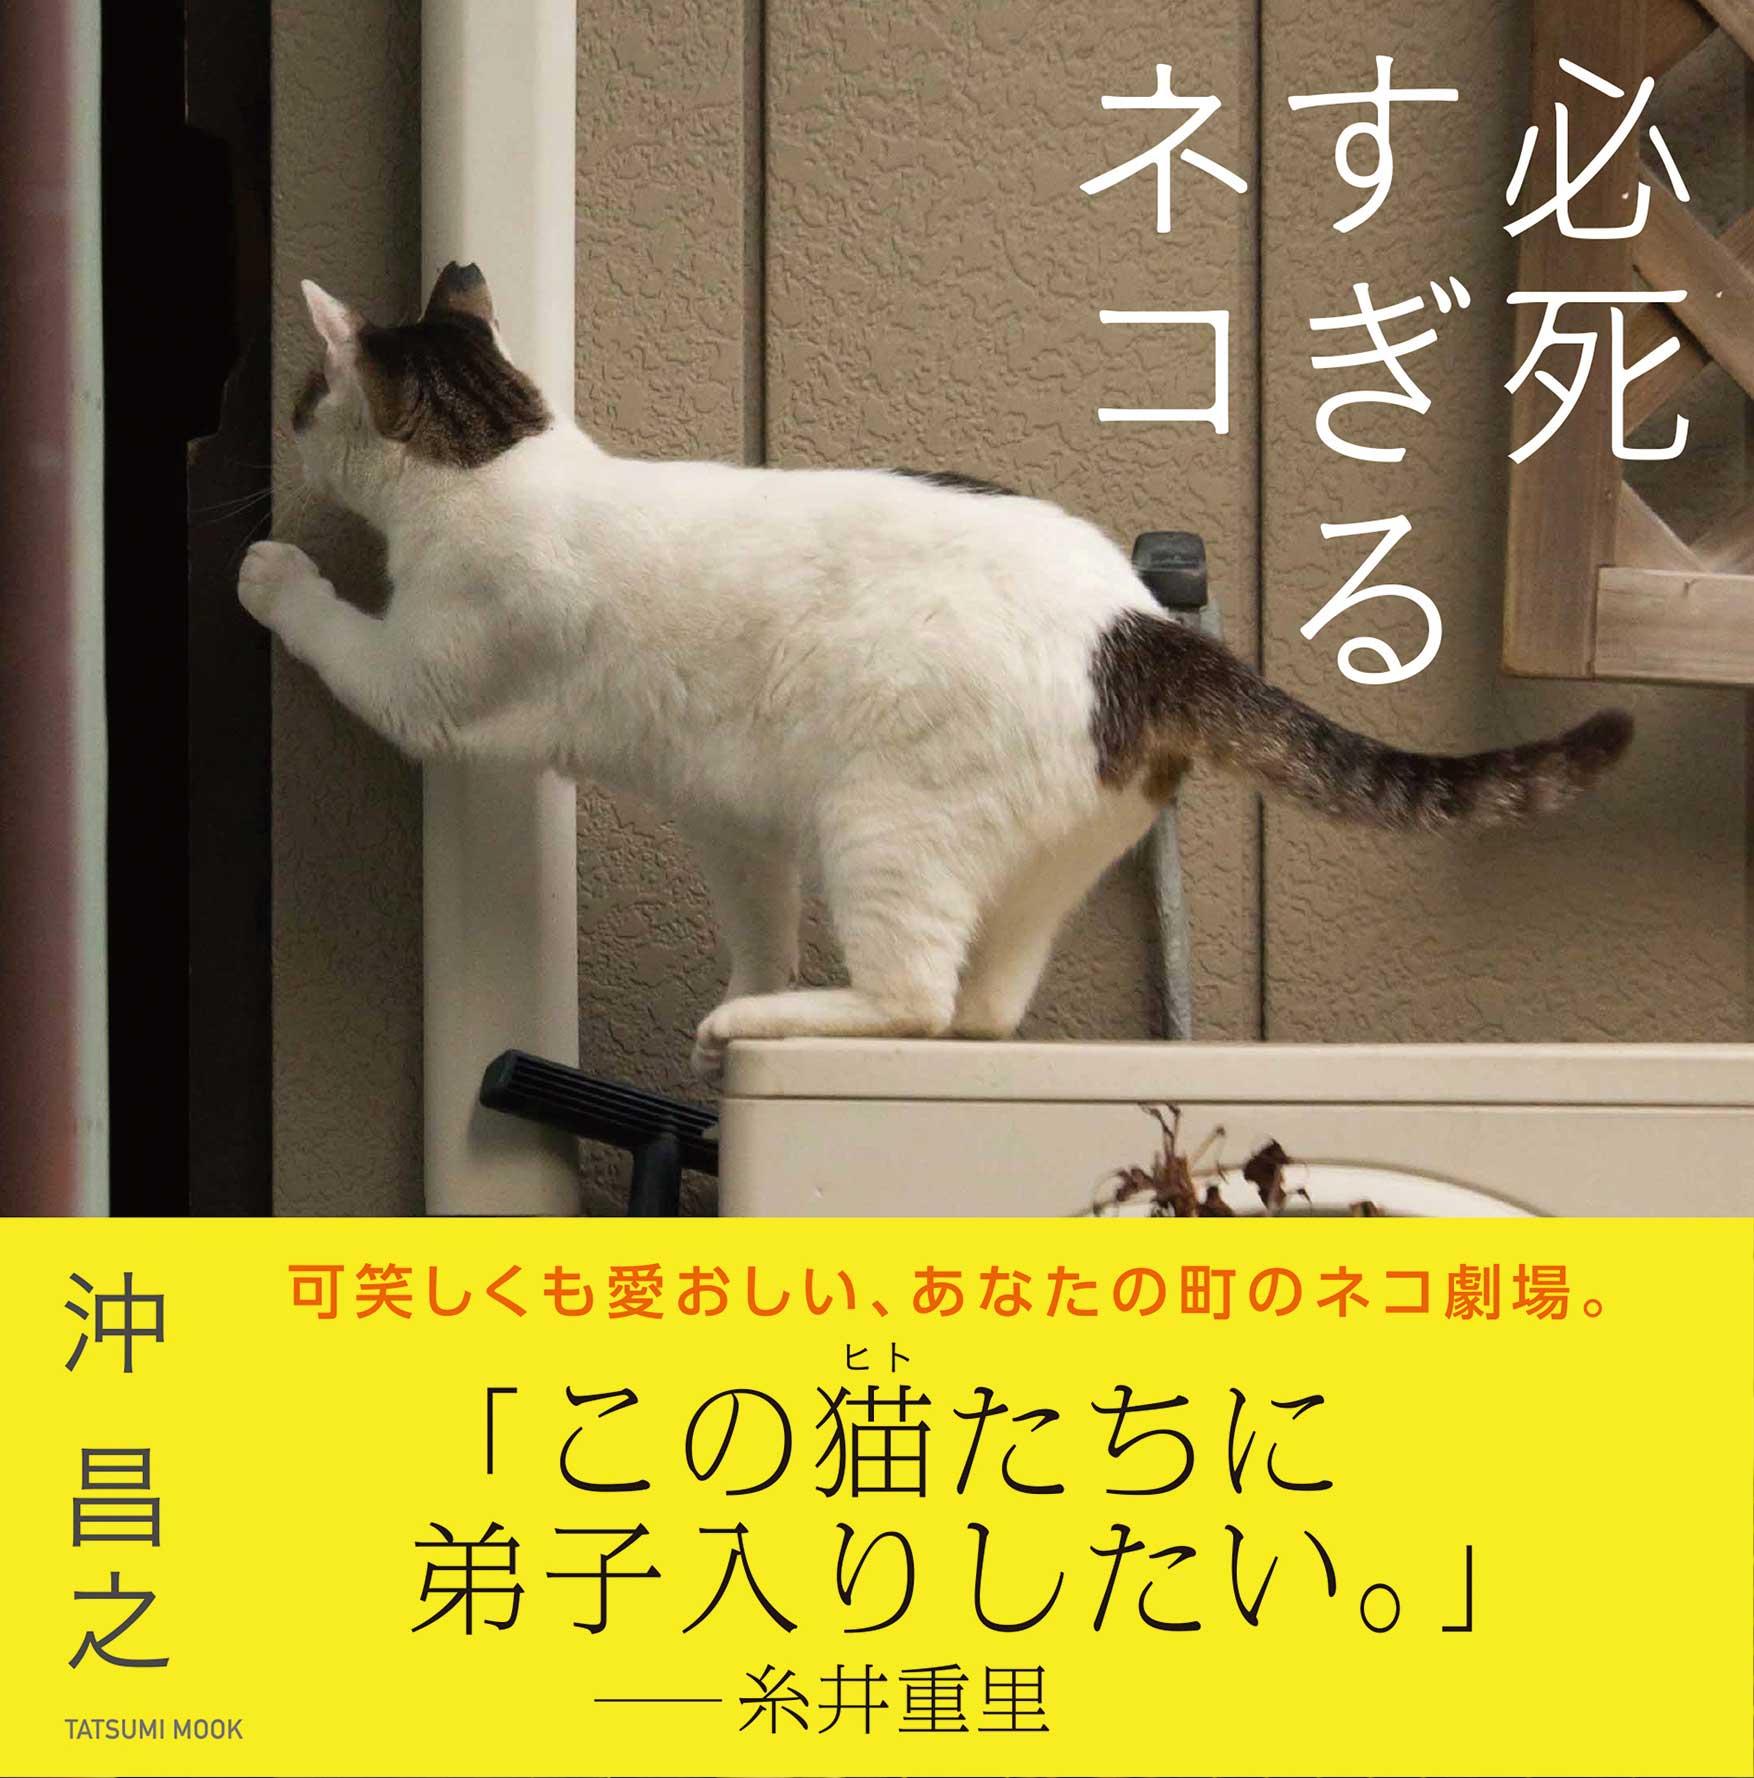 『必死すぎるネコ』<br> (辰巳出版、定価1,296 円)